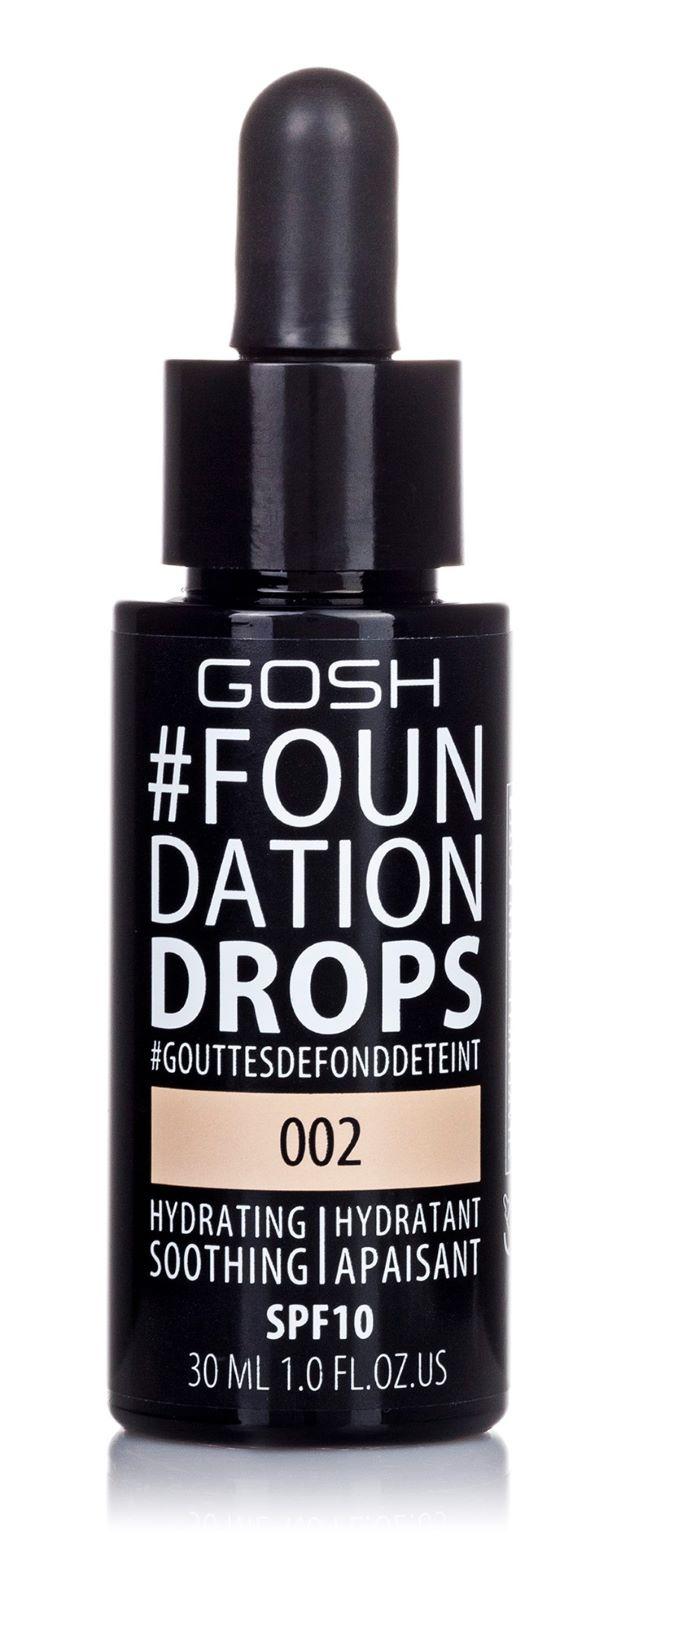 Купить Тональный крем Gosh Foundation Drops 002 30 мл, GOSH COPENHAGEN